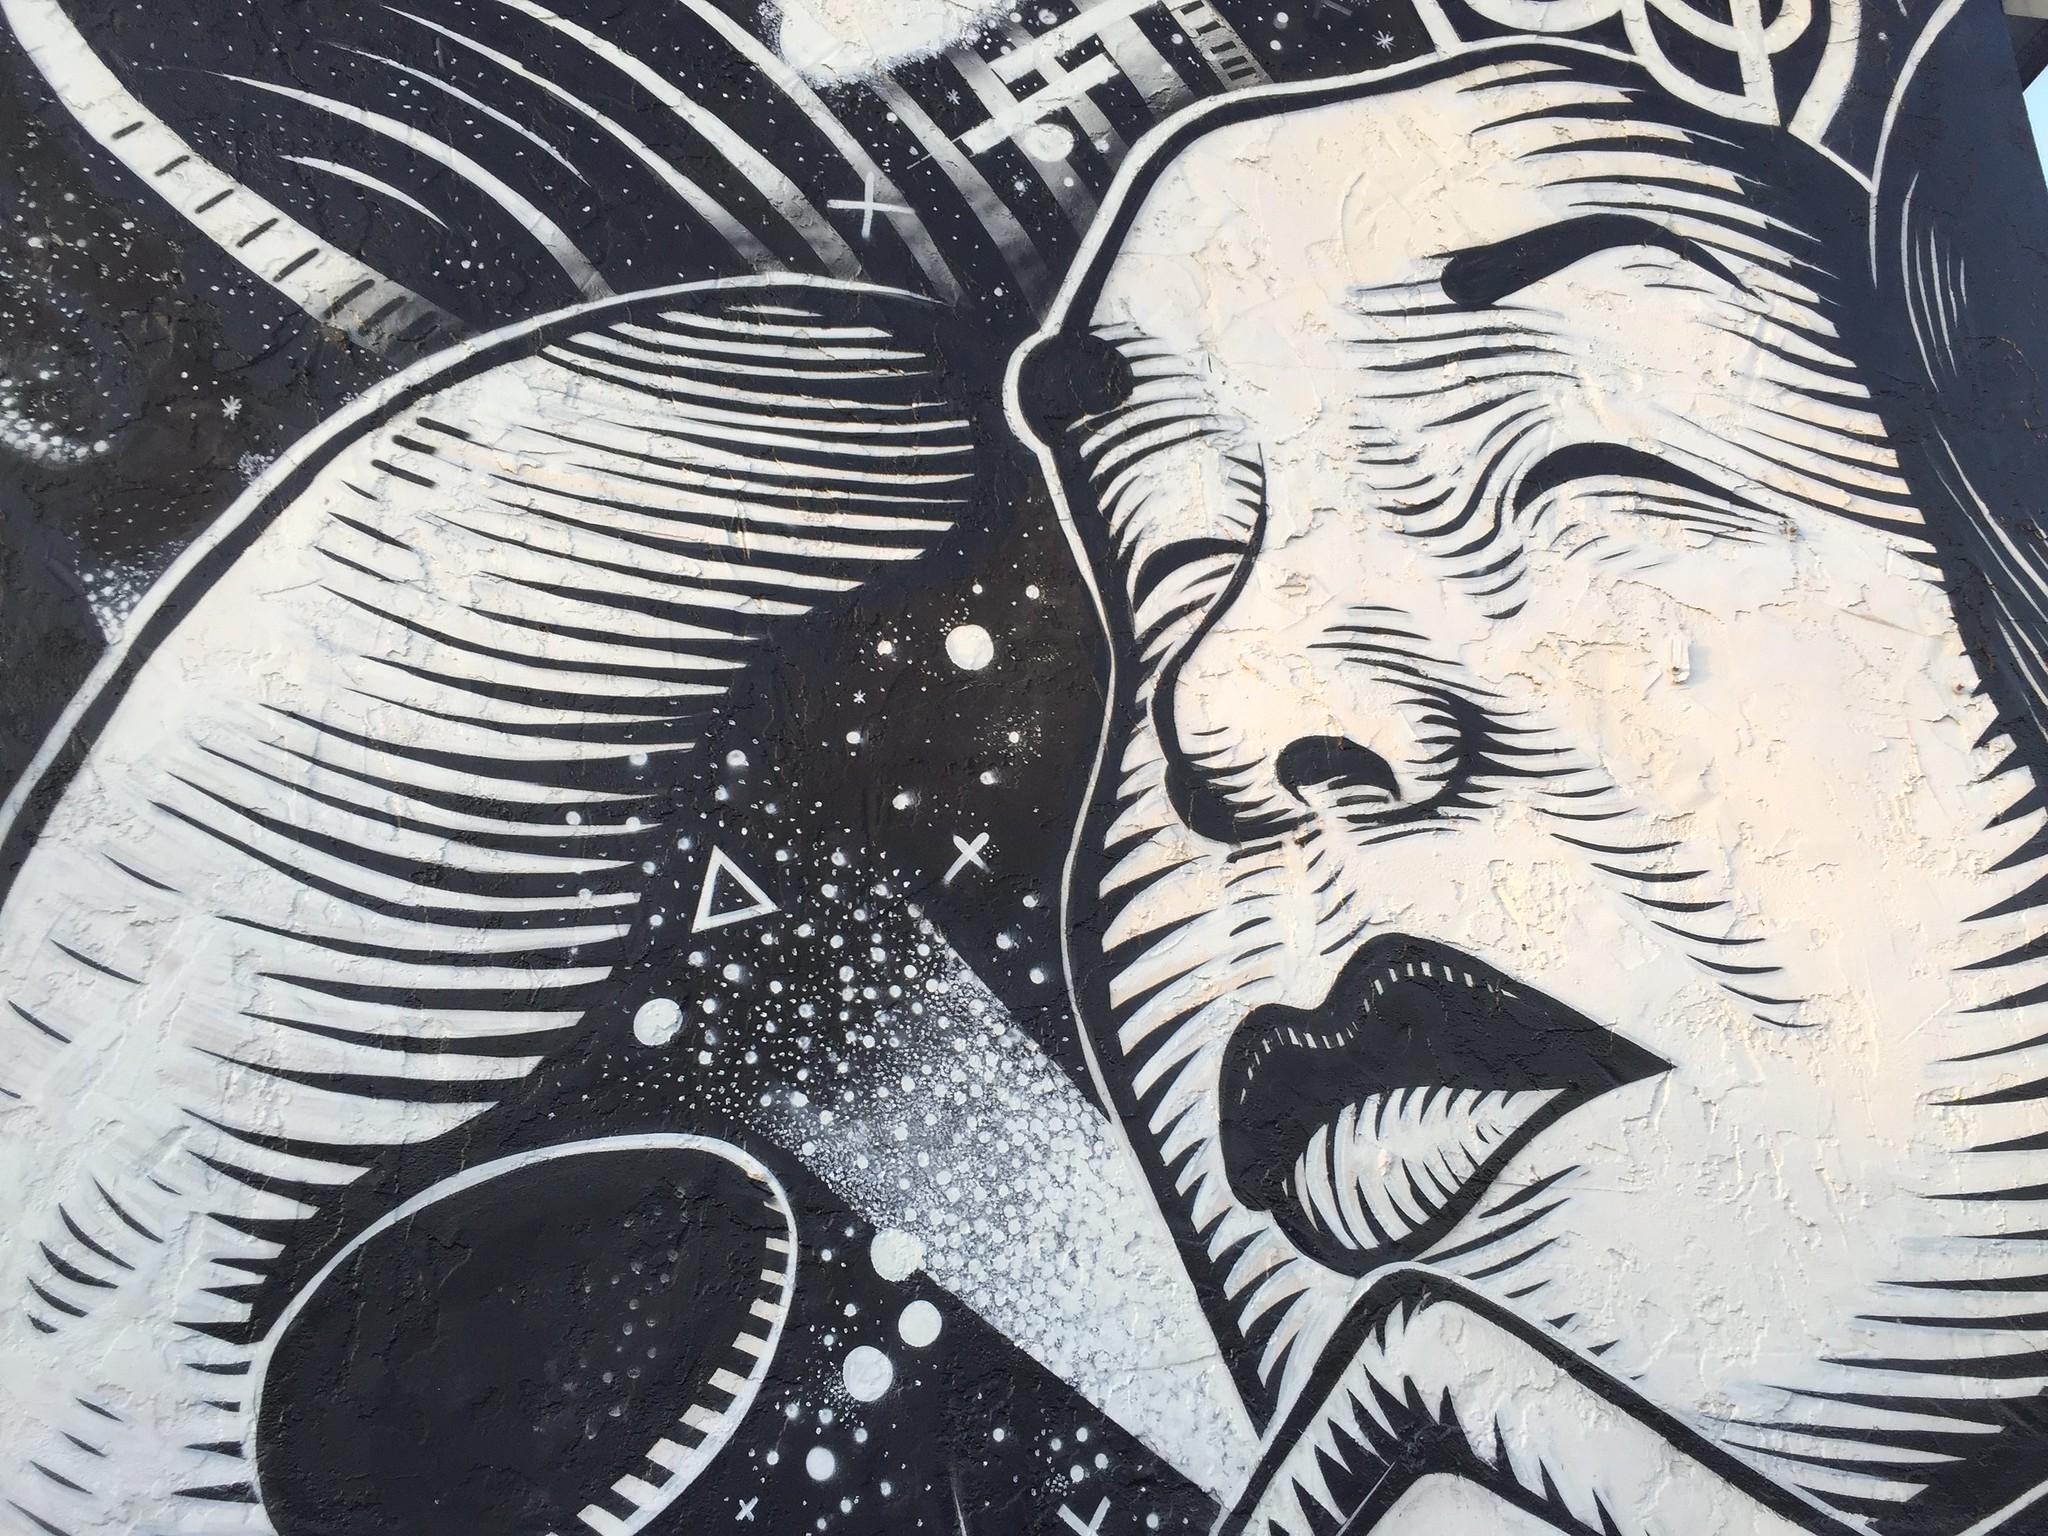 Alley murals